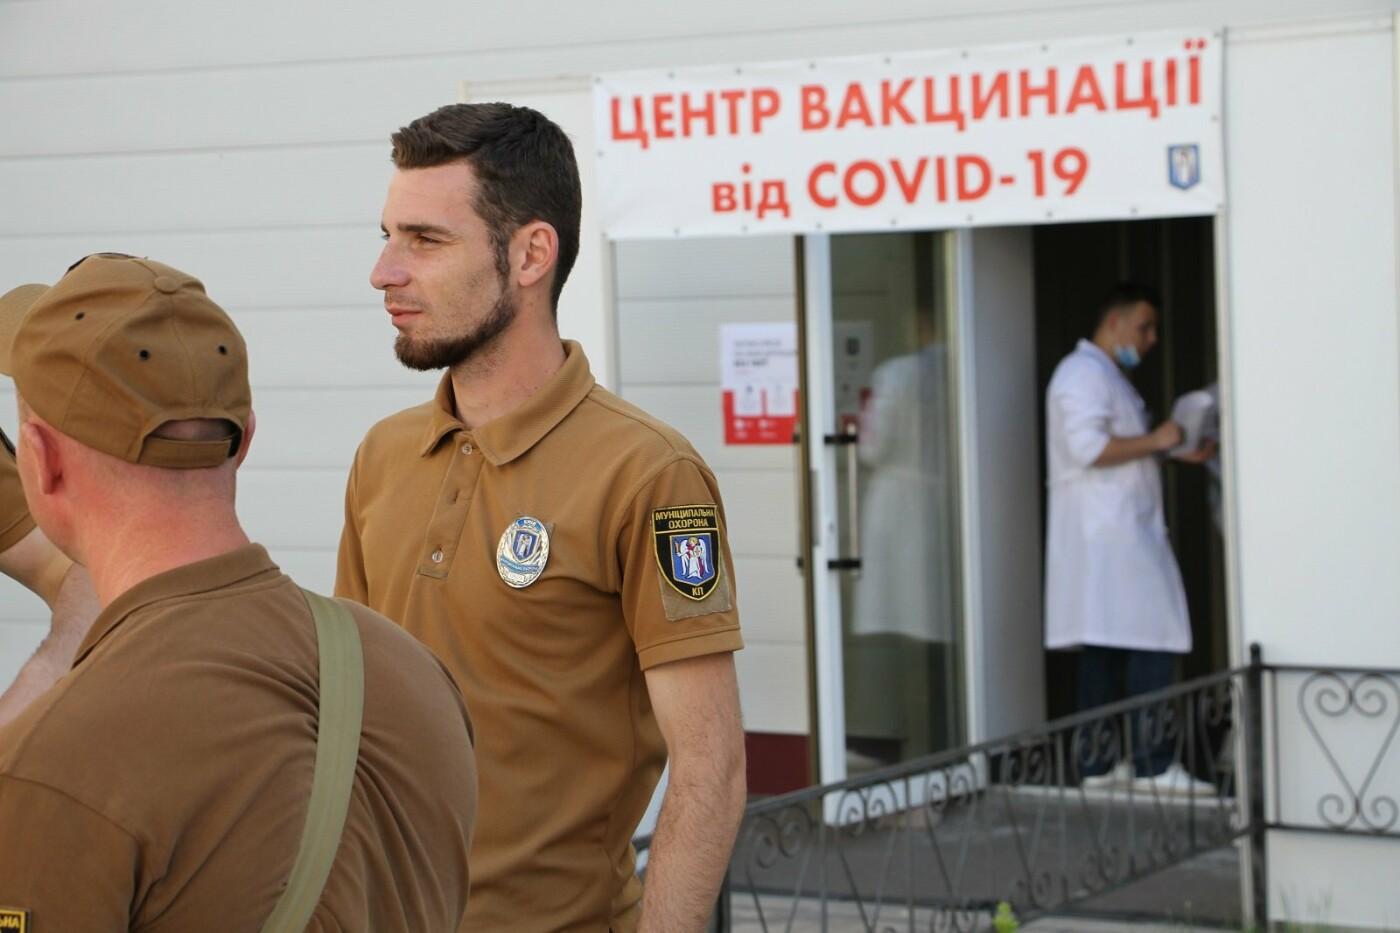 Охрана возле Центра вакцинации, Фото: КМДА